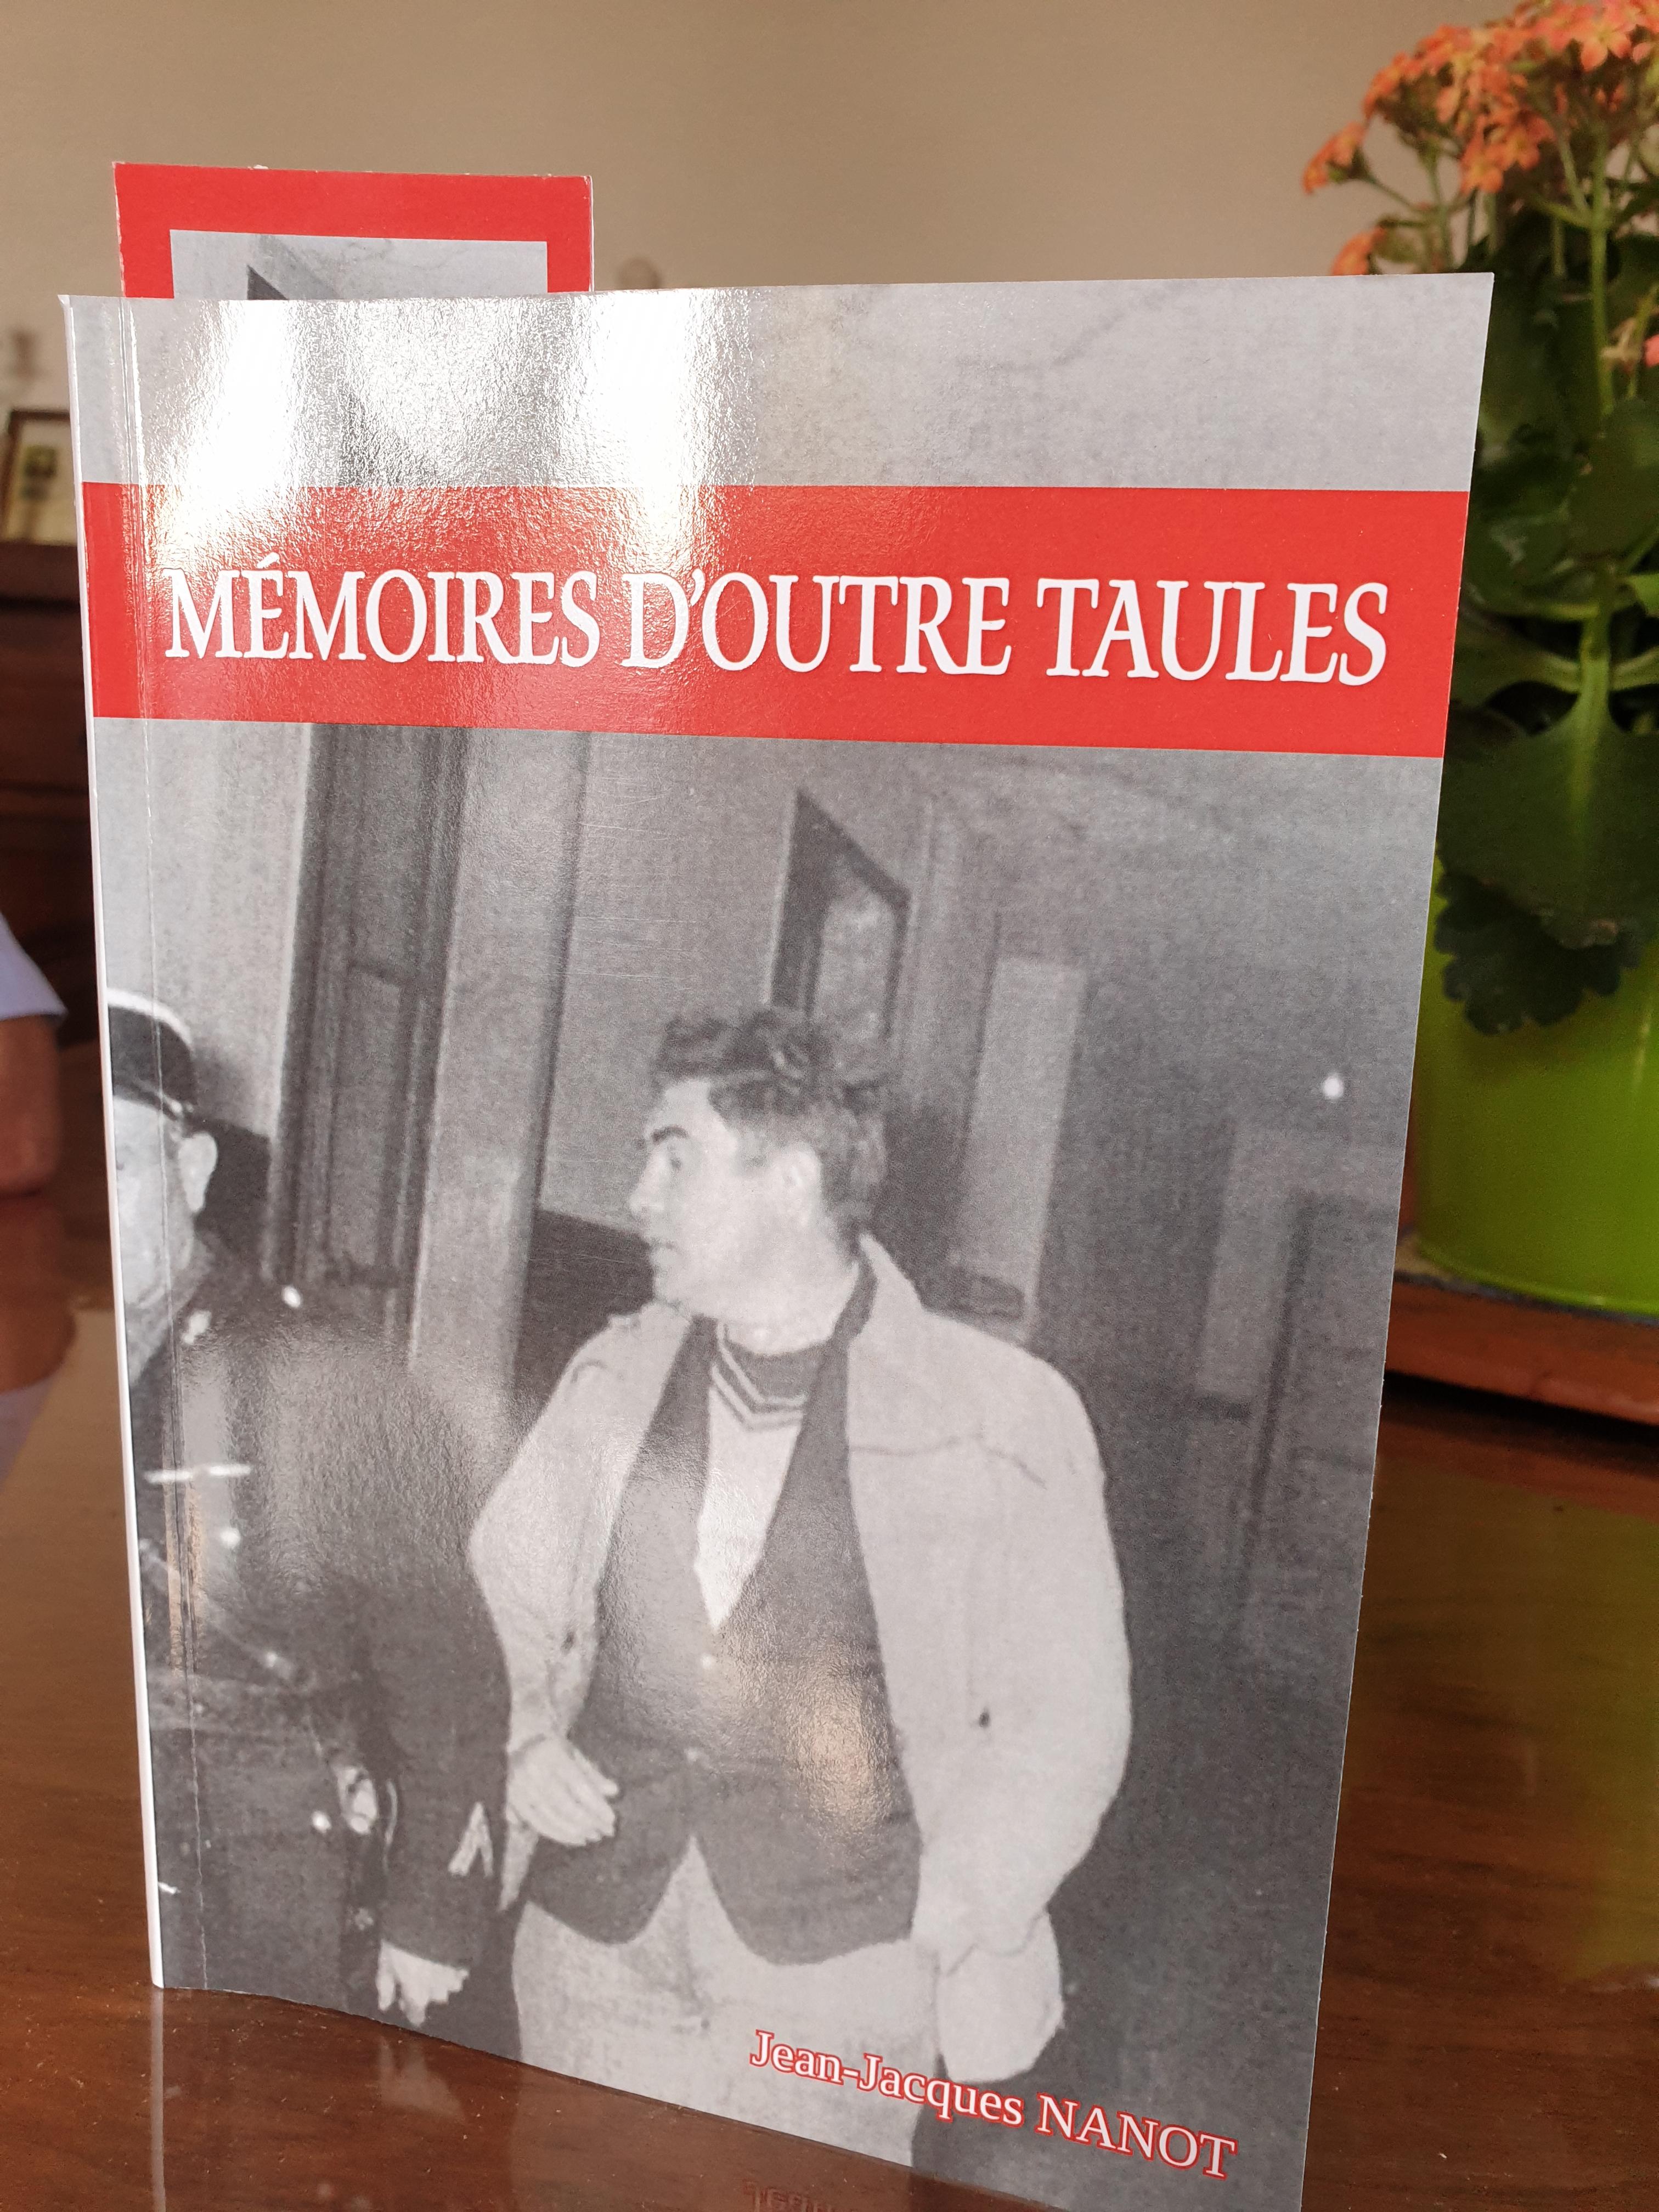 SITE COLLECTIF EN TRAVAIL          Ce site est la suite de l'aventure toujours en route  Nuit Debout in Paris City ou la Galerie fut cree sur un fil entre deux platanes circa le 34 Mars 2016.Le site et la GAD sont aujourdhui HexagonoPlanetaires et PhysiquoWebien et cogerées entre Marseille Eymoutiers Paris Levens Limoges DournazacPiegut Pluviers Meilhards Uzeste (1) Aubervilliers Maubec et le reste du cosmos s'il y a un reste par Pierre Labrot Pierre Merejkowsky Pierre-Frederic Zieba Helena Nuage jean-Jacques-Henri Nanot Dany Castelli Marc Pataut Nina Zivancevic Edwige .La COGESTION EST OUVERTE A QUI LE SOLLICITE . Parmi nos références celle de Georges Guingouin avec qui en Septembre 1998 nous eumes au Mont Gargan , un entretien..ndlr